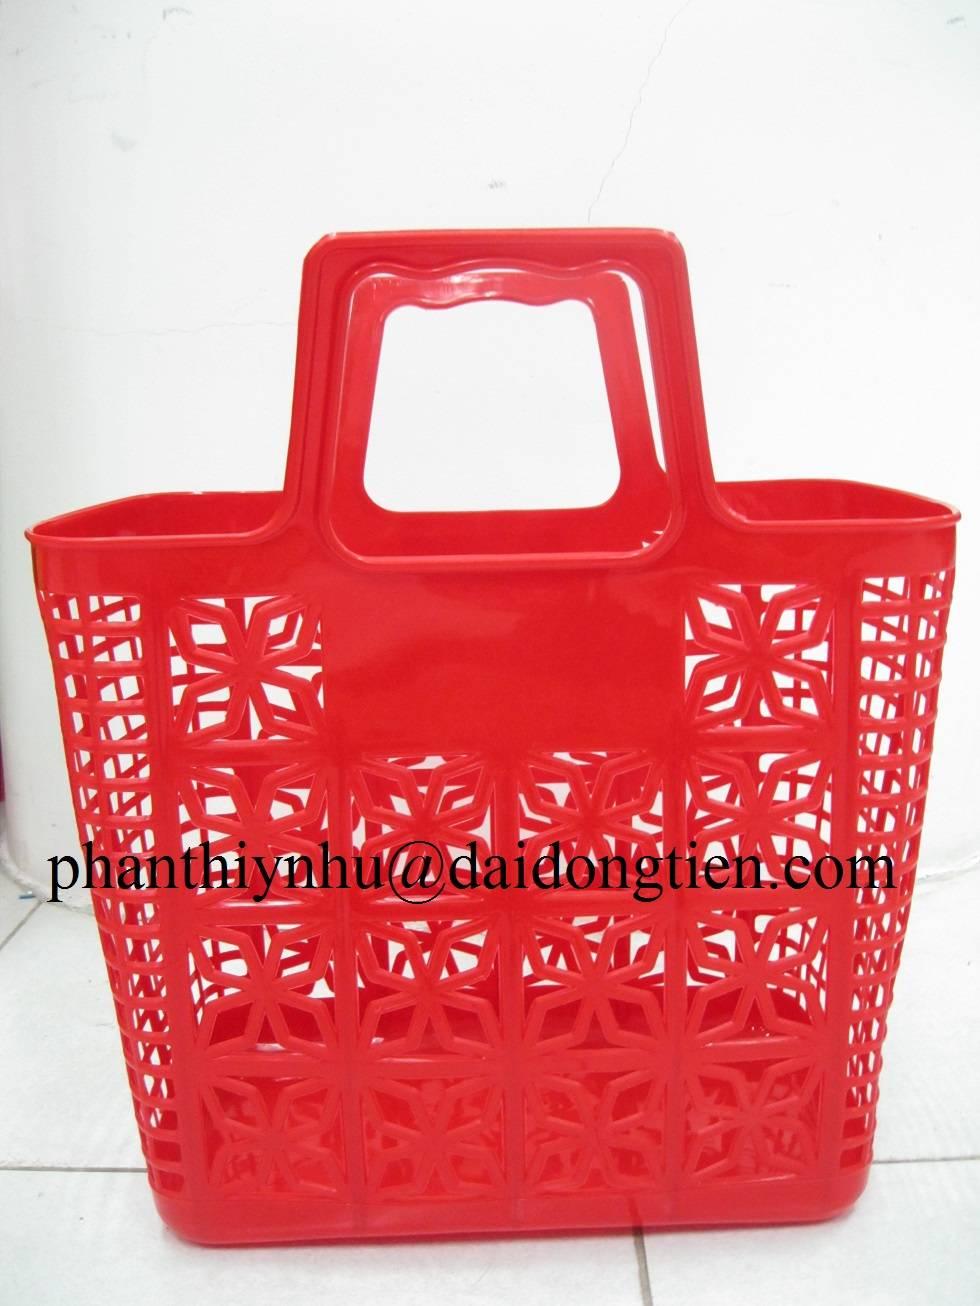 Plastic market basket